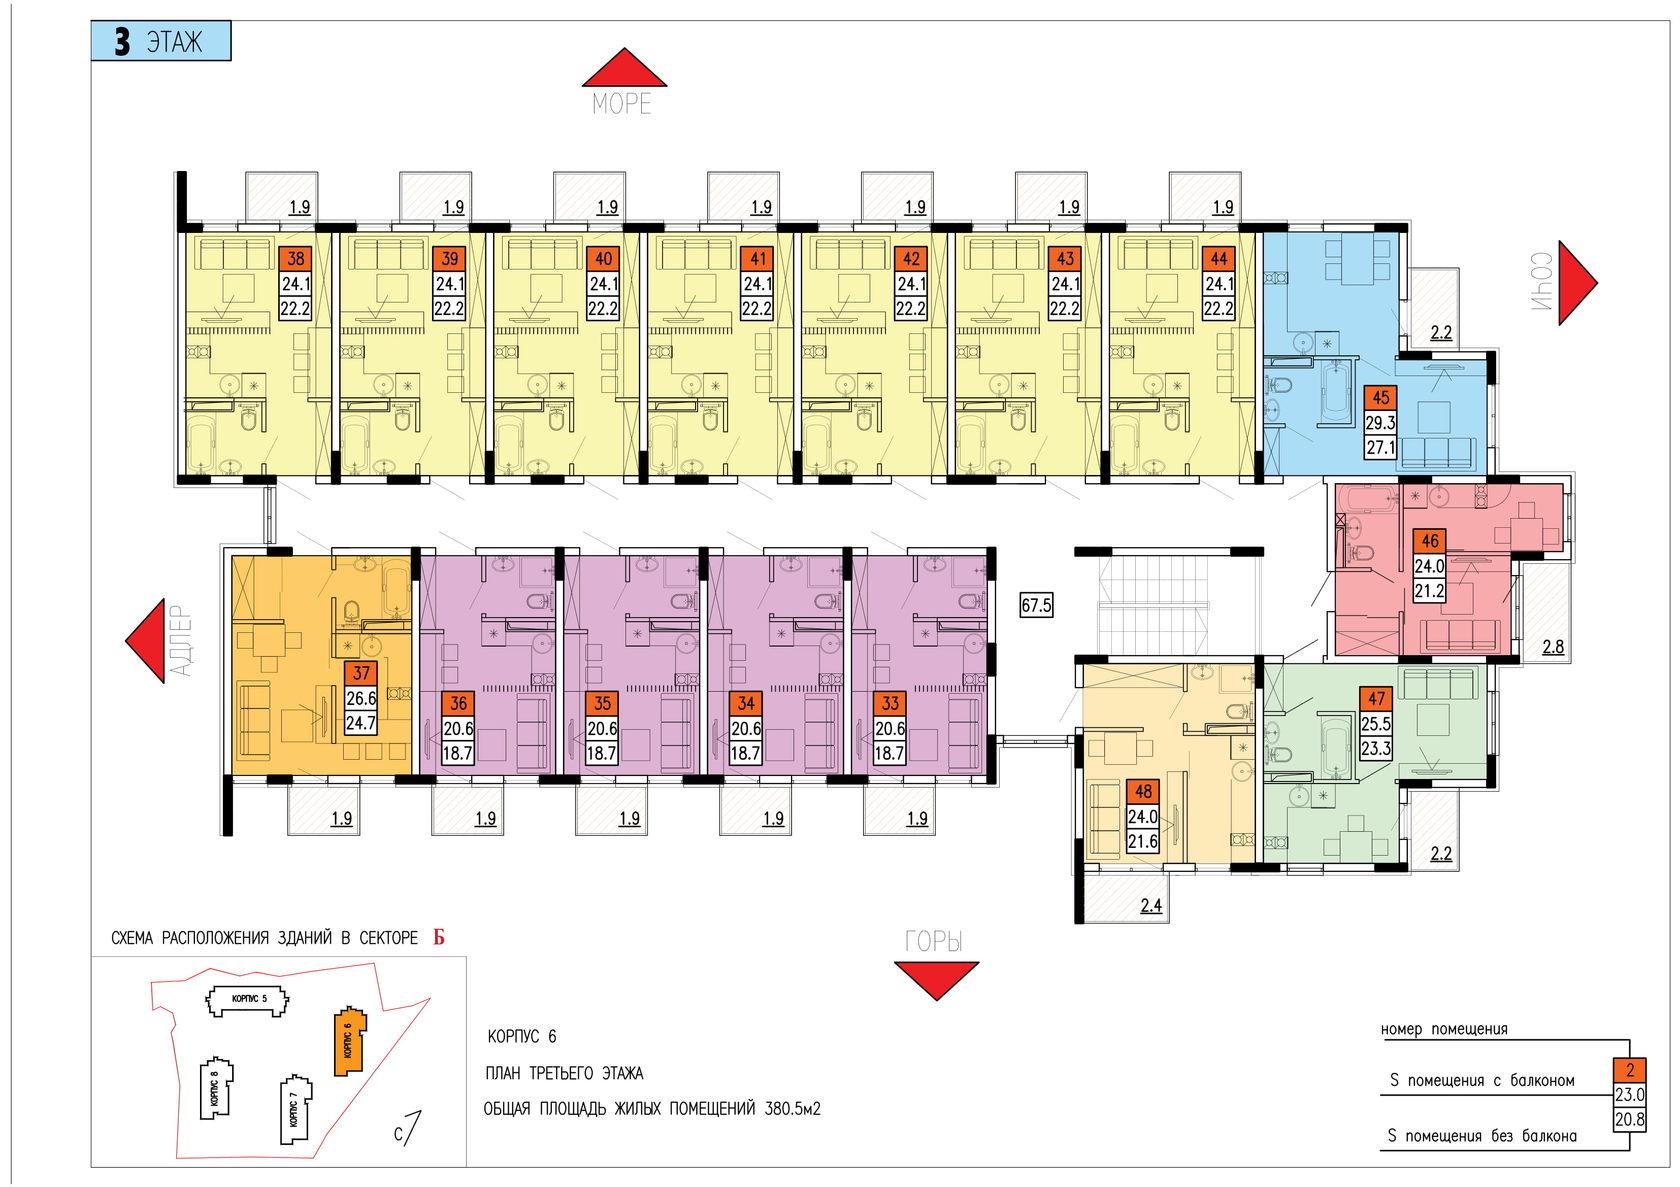 ЖК Касабланка Адлер План - Корпус 6 Этаж 3